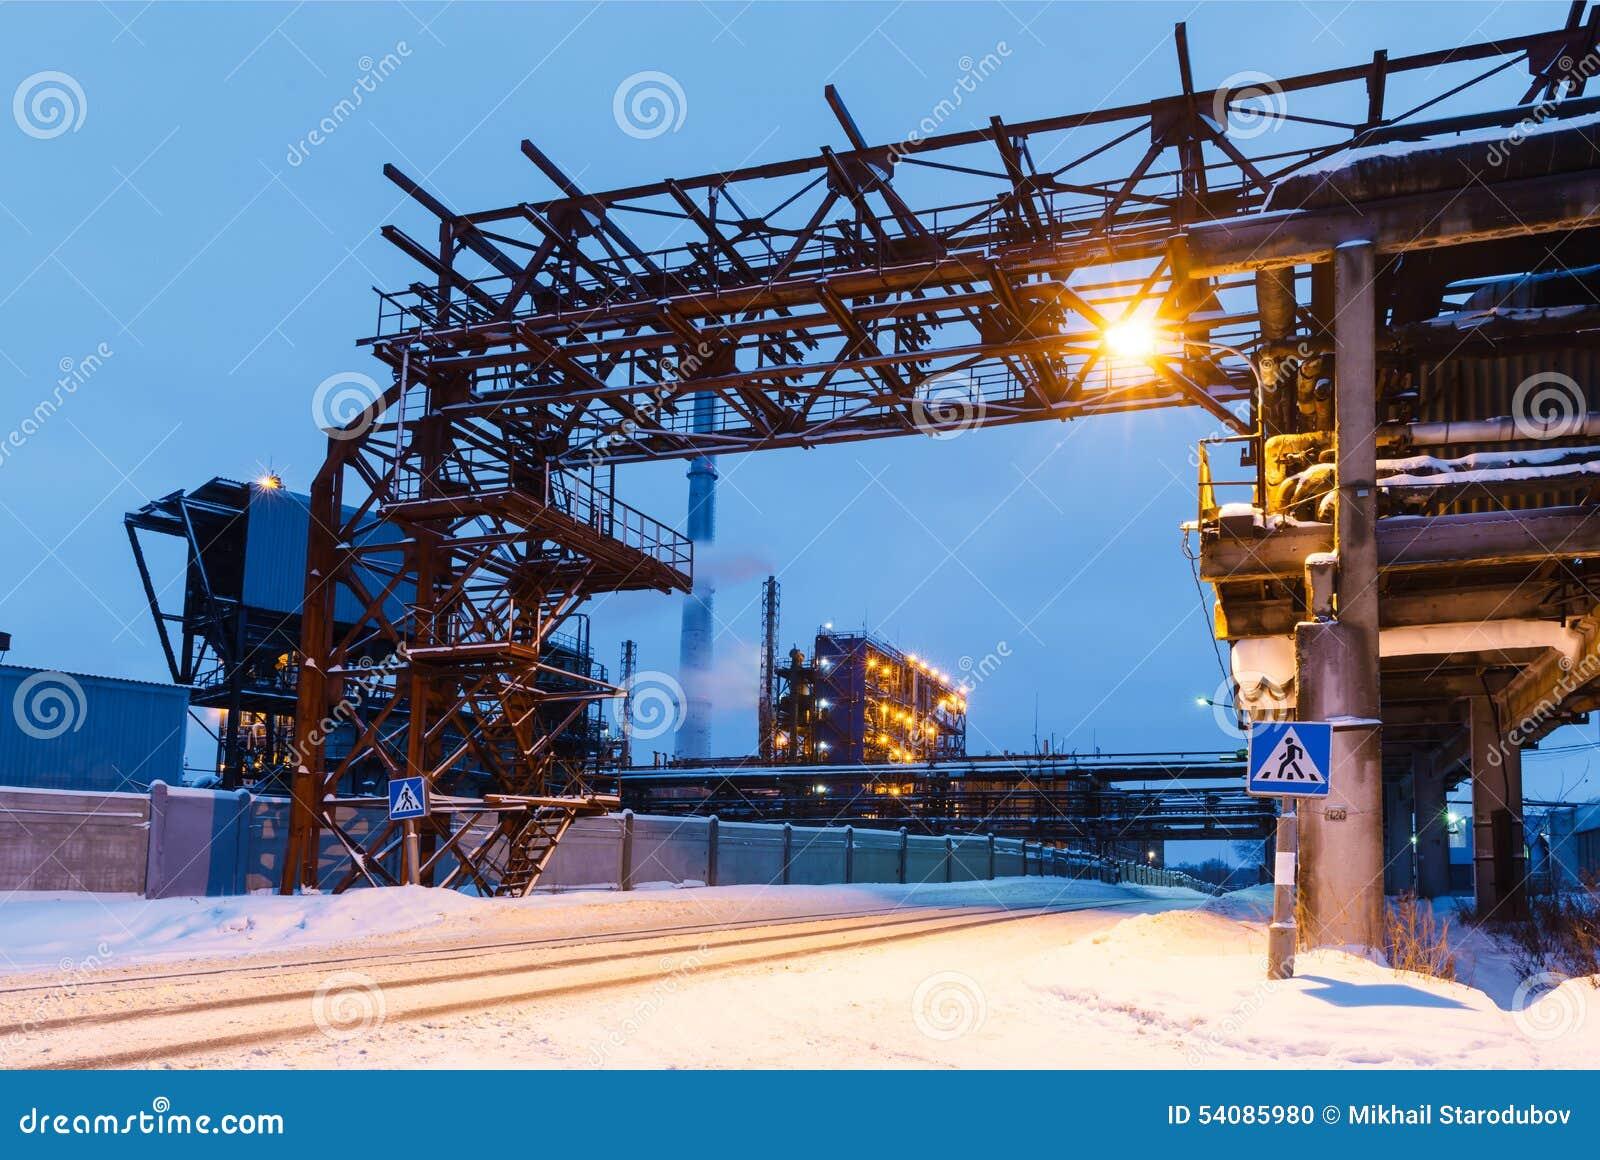 Vele pijpen en schoorstenen met industriële toren